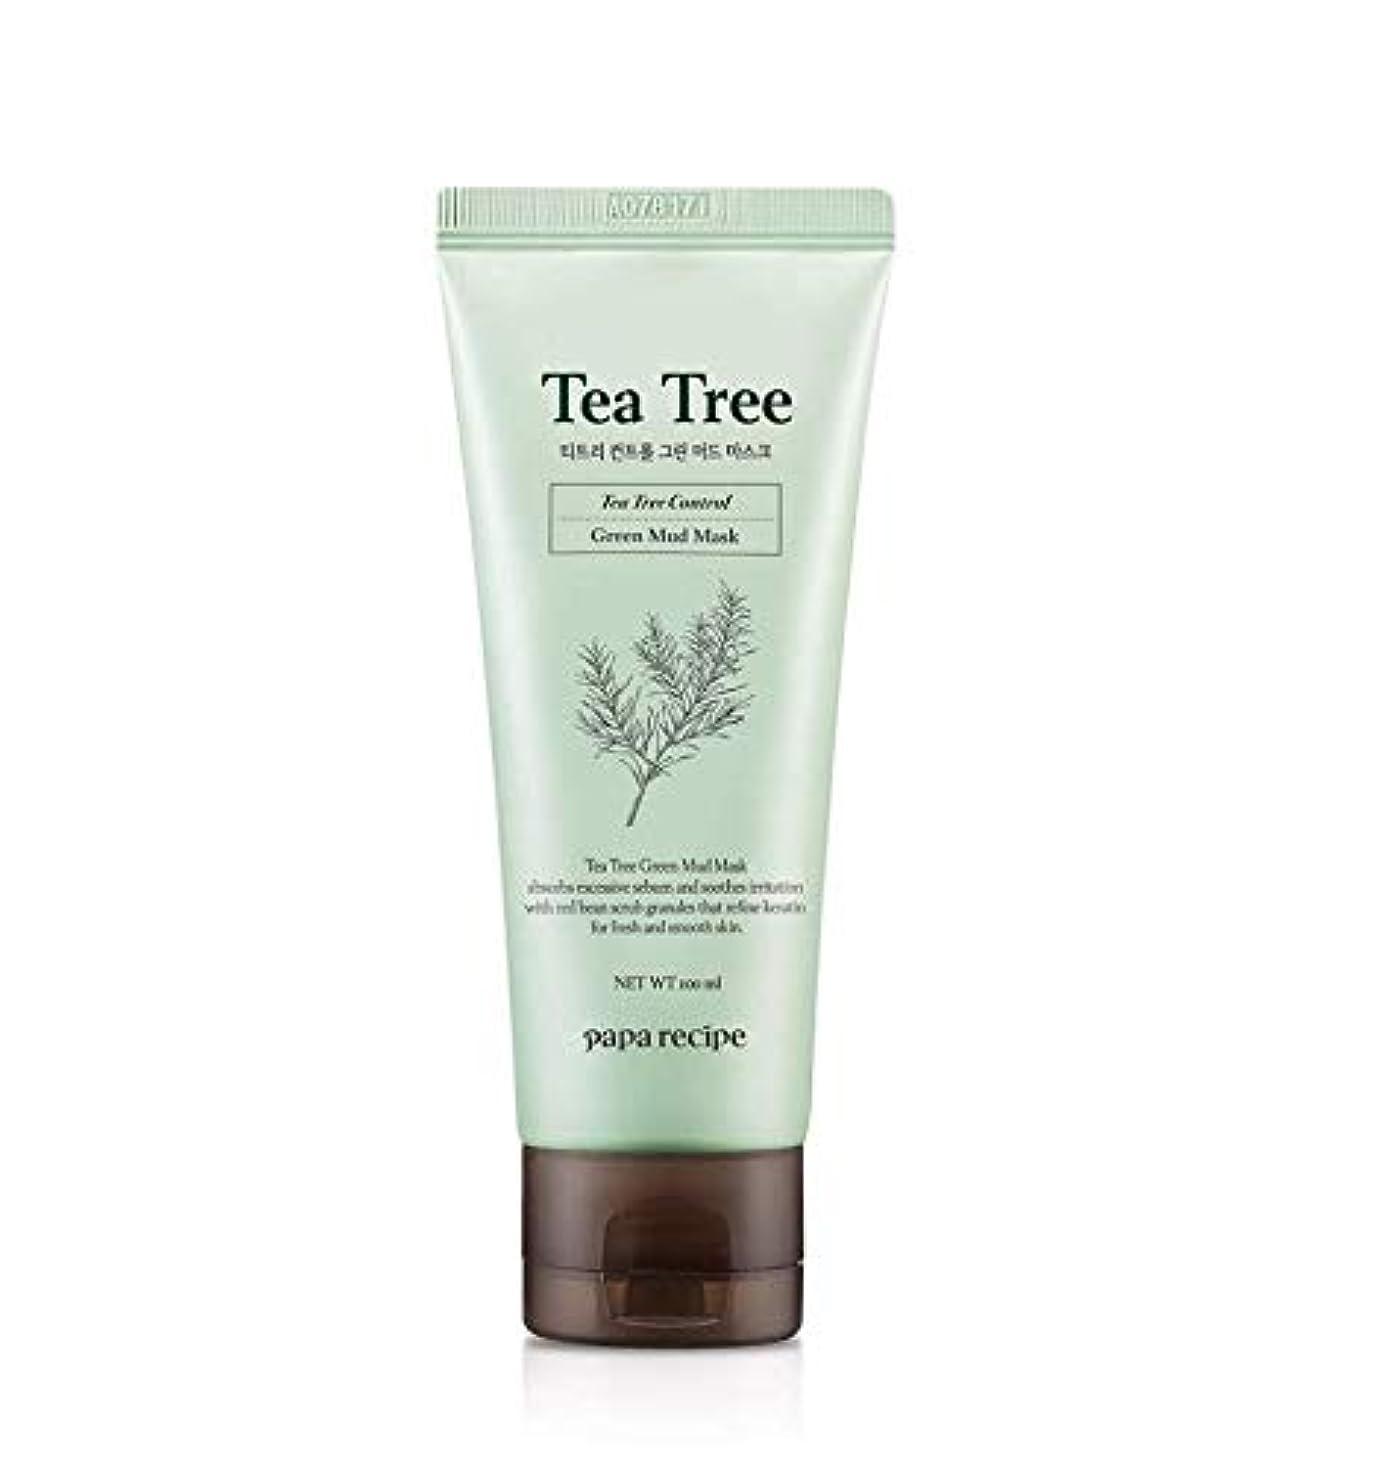 強化邪悪な謝罪するPaparecipe (パパレシピ) ティーツリー コントロール グリーン マッド マスク/Tea Tree Control Green Mud Mask (100ml) [並行輸入品]